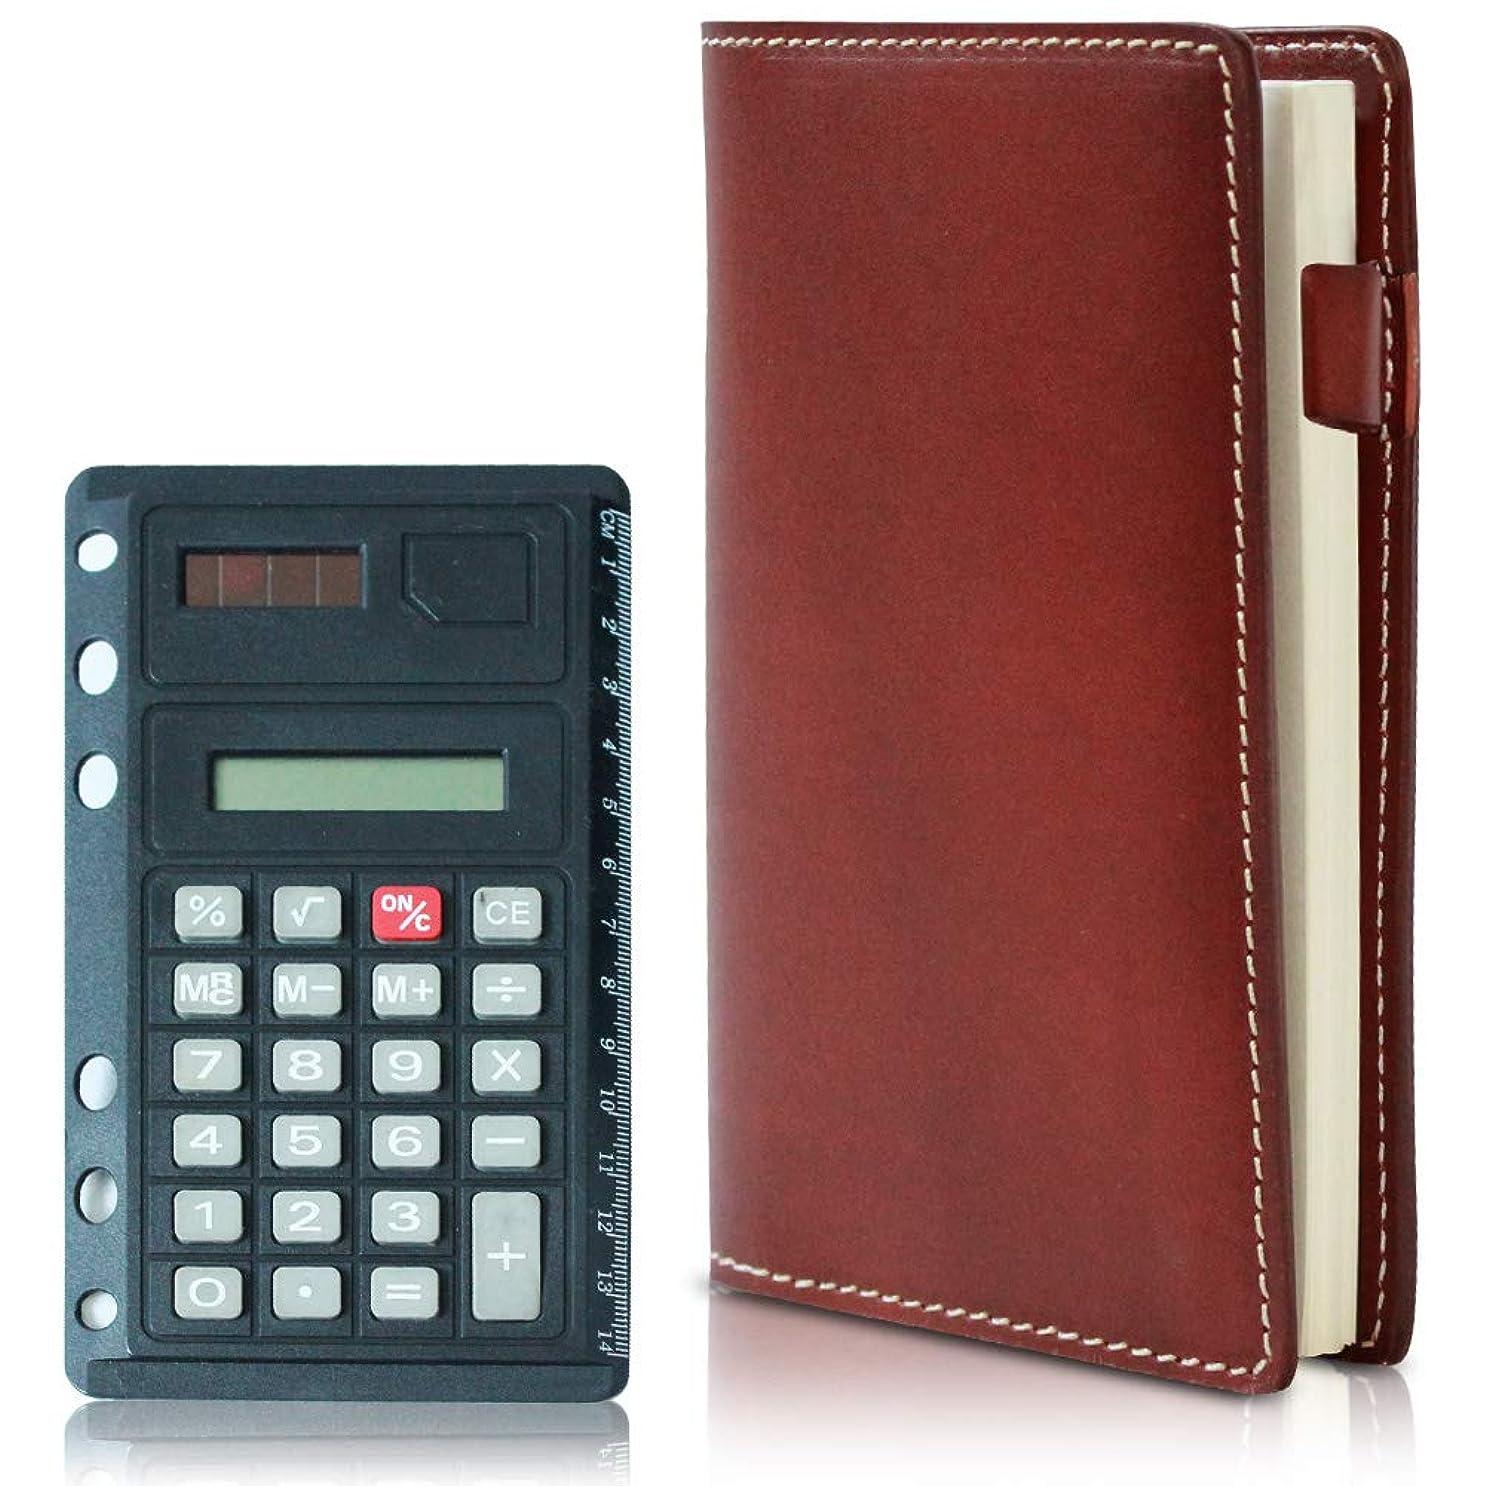 ブレイズプロジェクター不和[K sera sera] 手帳 本革 システム手帳 バイブル B6 b6 サイズ リフィル メモ帳 電卓 計算機 付き プレゼント (ブラウン/Brown)